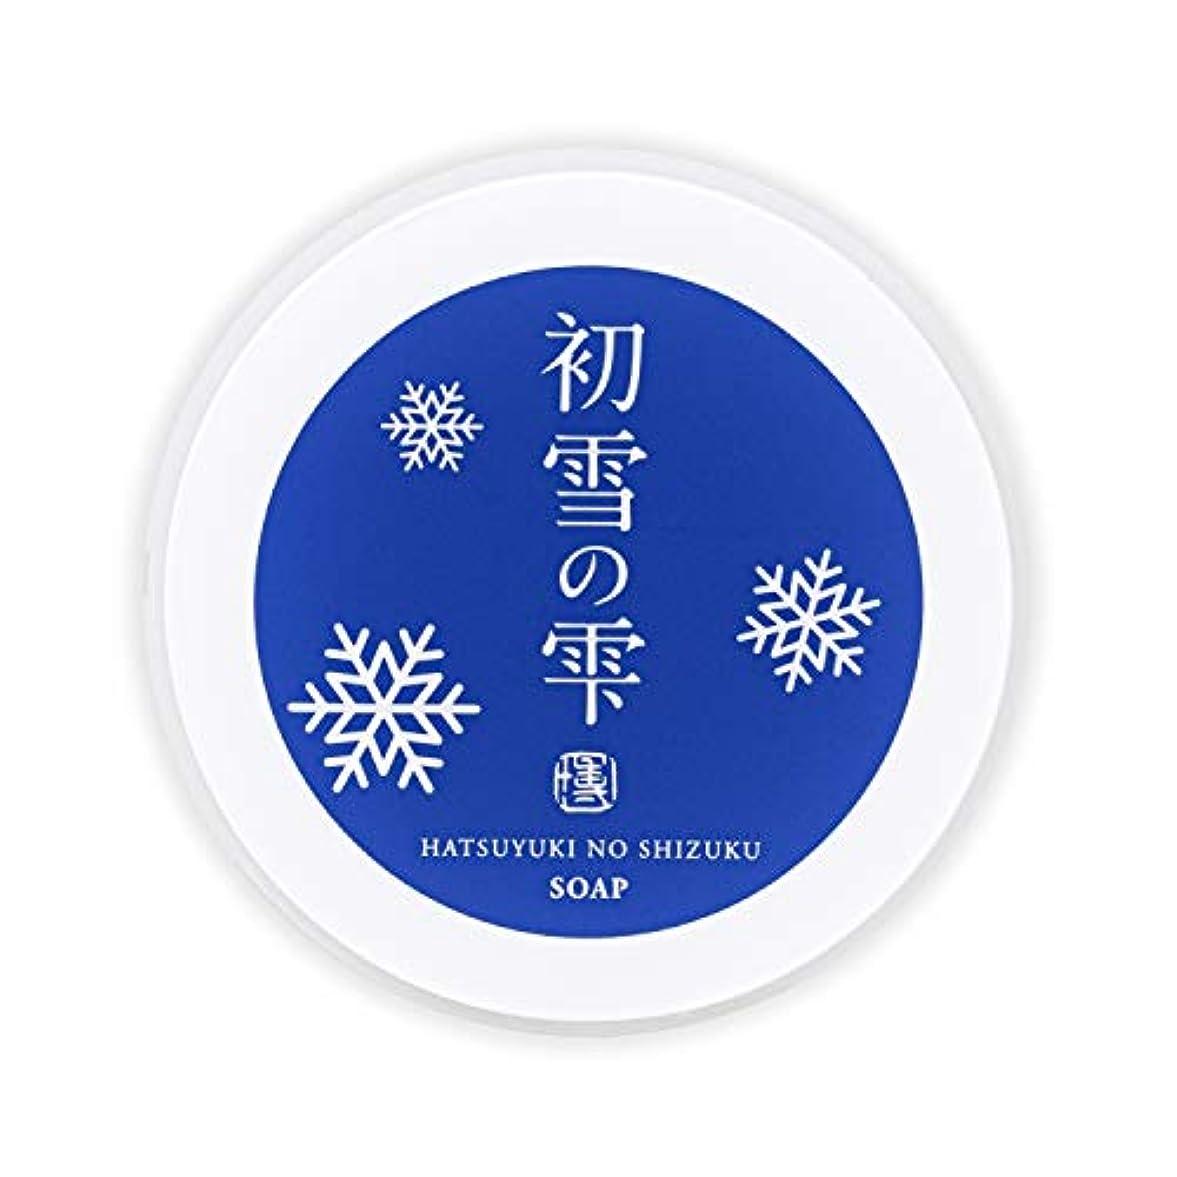 ゴミ箱を空にする想像する岩初雪の雫 洗顔 練り せっけん ジャータイプ 34g [アミノ酸 ヒアルロン酸 プラセンタエキス セラミド 配合]